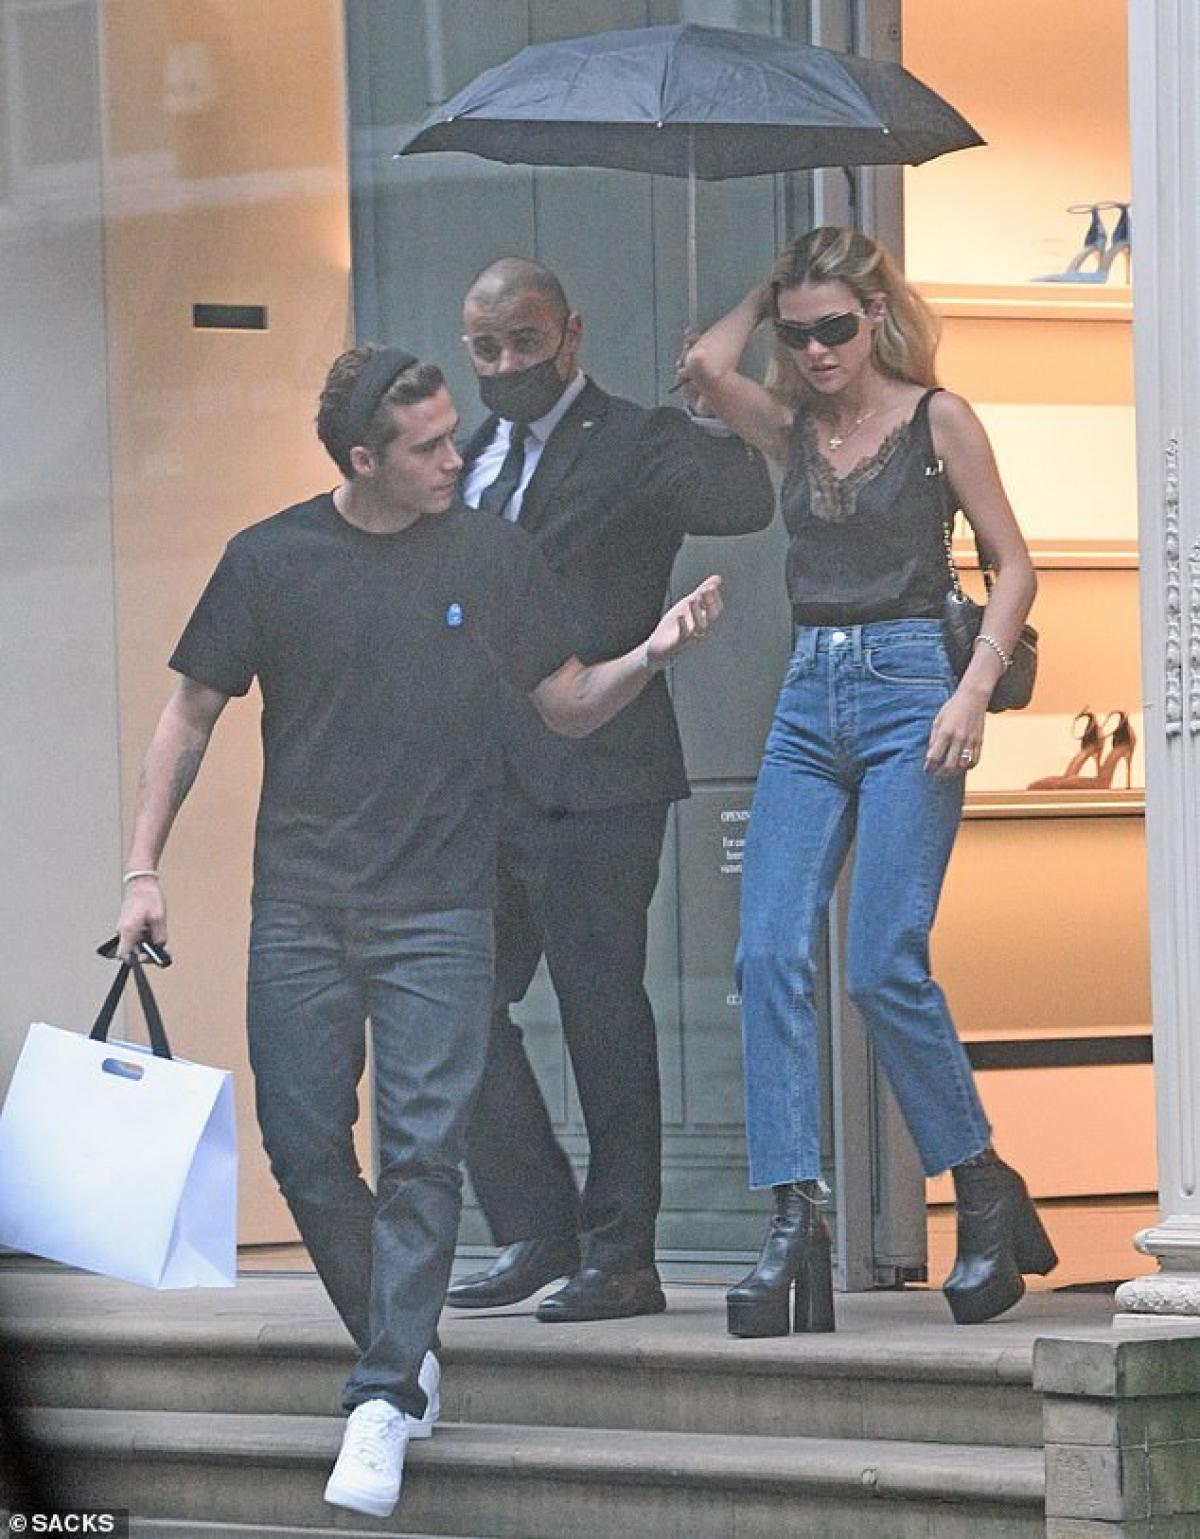 Bởi trước đó, Nicola Peltz đã bất ngờ chia sẻ hình ảnh Brooklyn Beckham đeo nhẫn vàng trên ngón tay áp út ở bàn tay trái của anh.